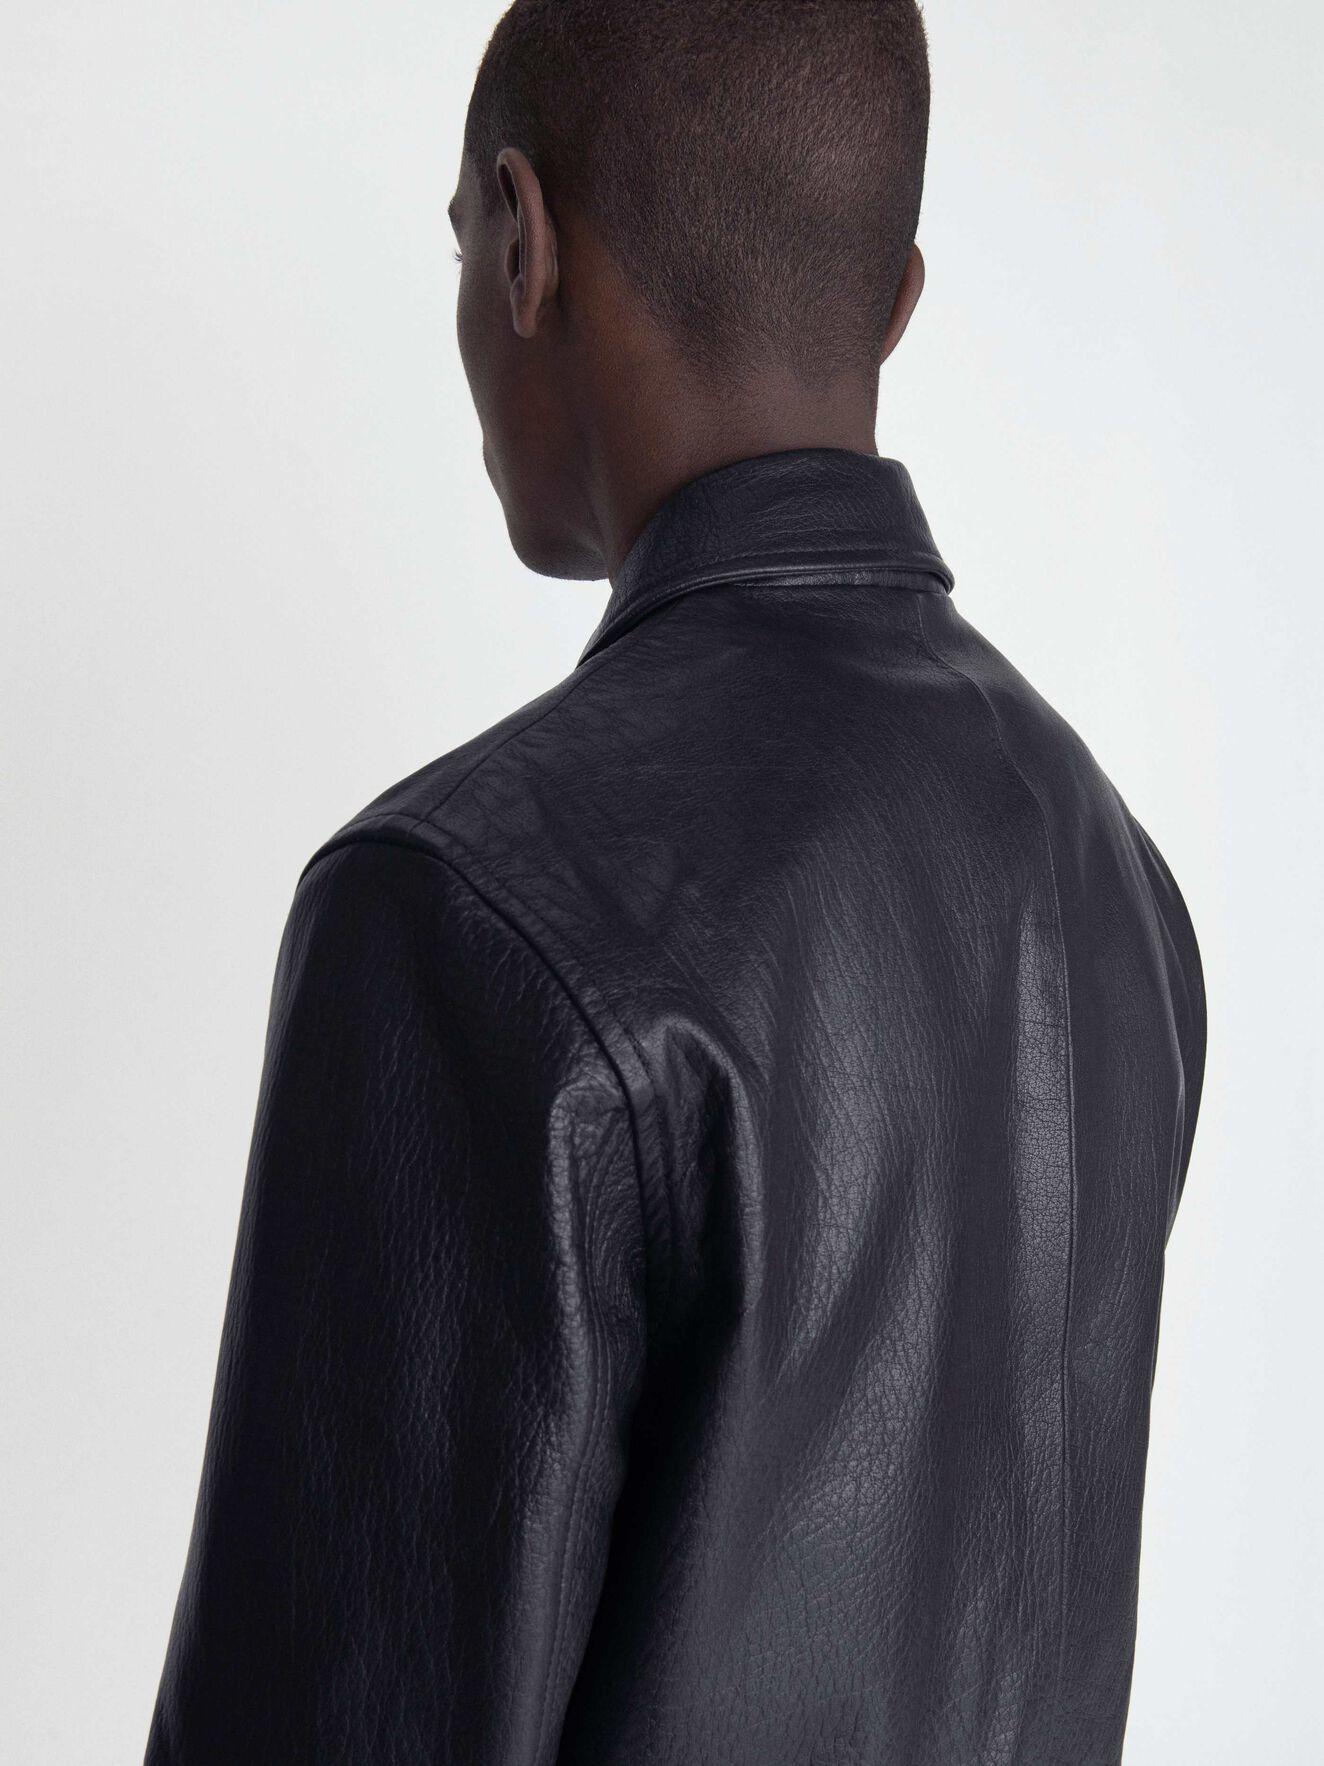 Reze Jacket in Black from Tiger of Sweden